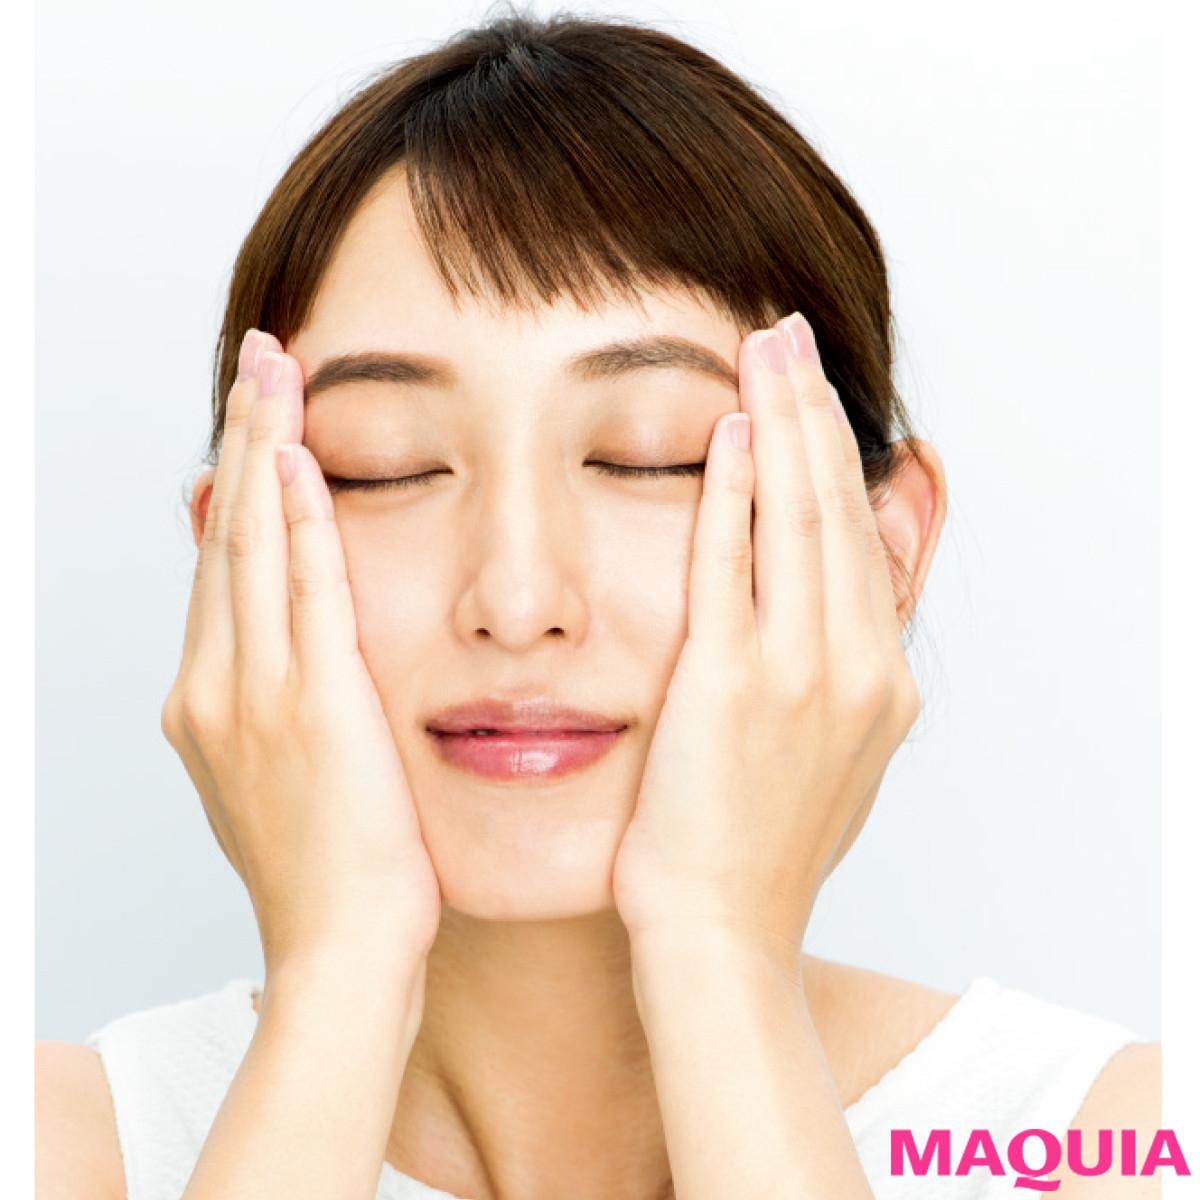 肌ノイズを捨てて透明美肌に! 均一感のない「赤みノイズ」のケア法をレクチャー